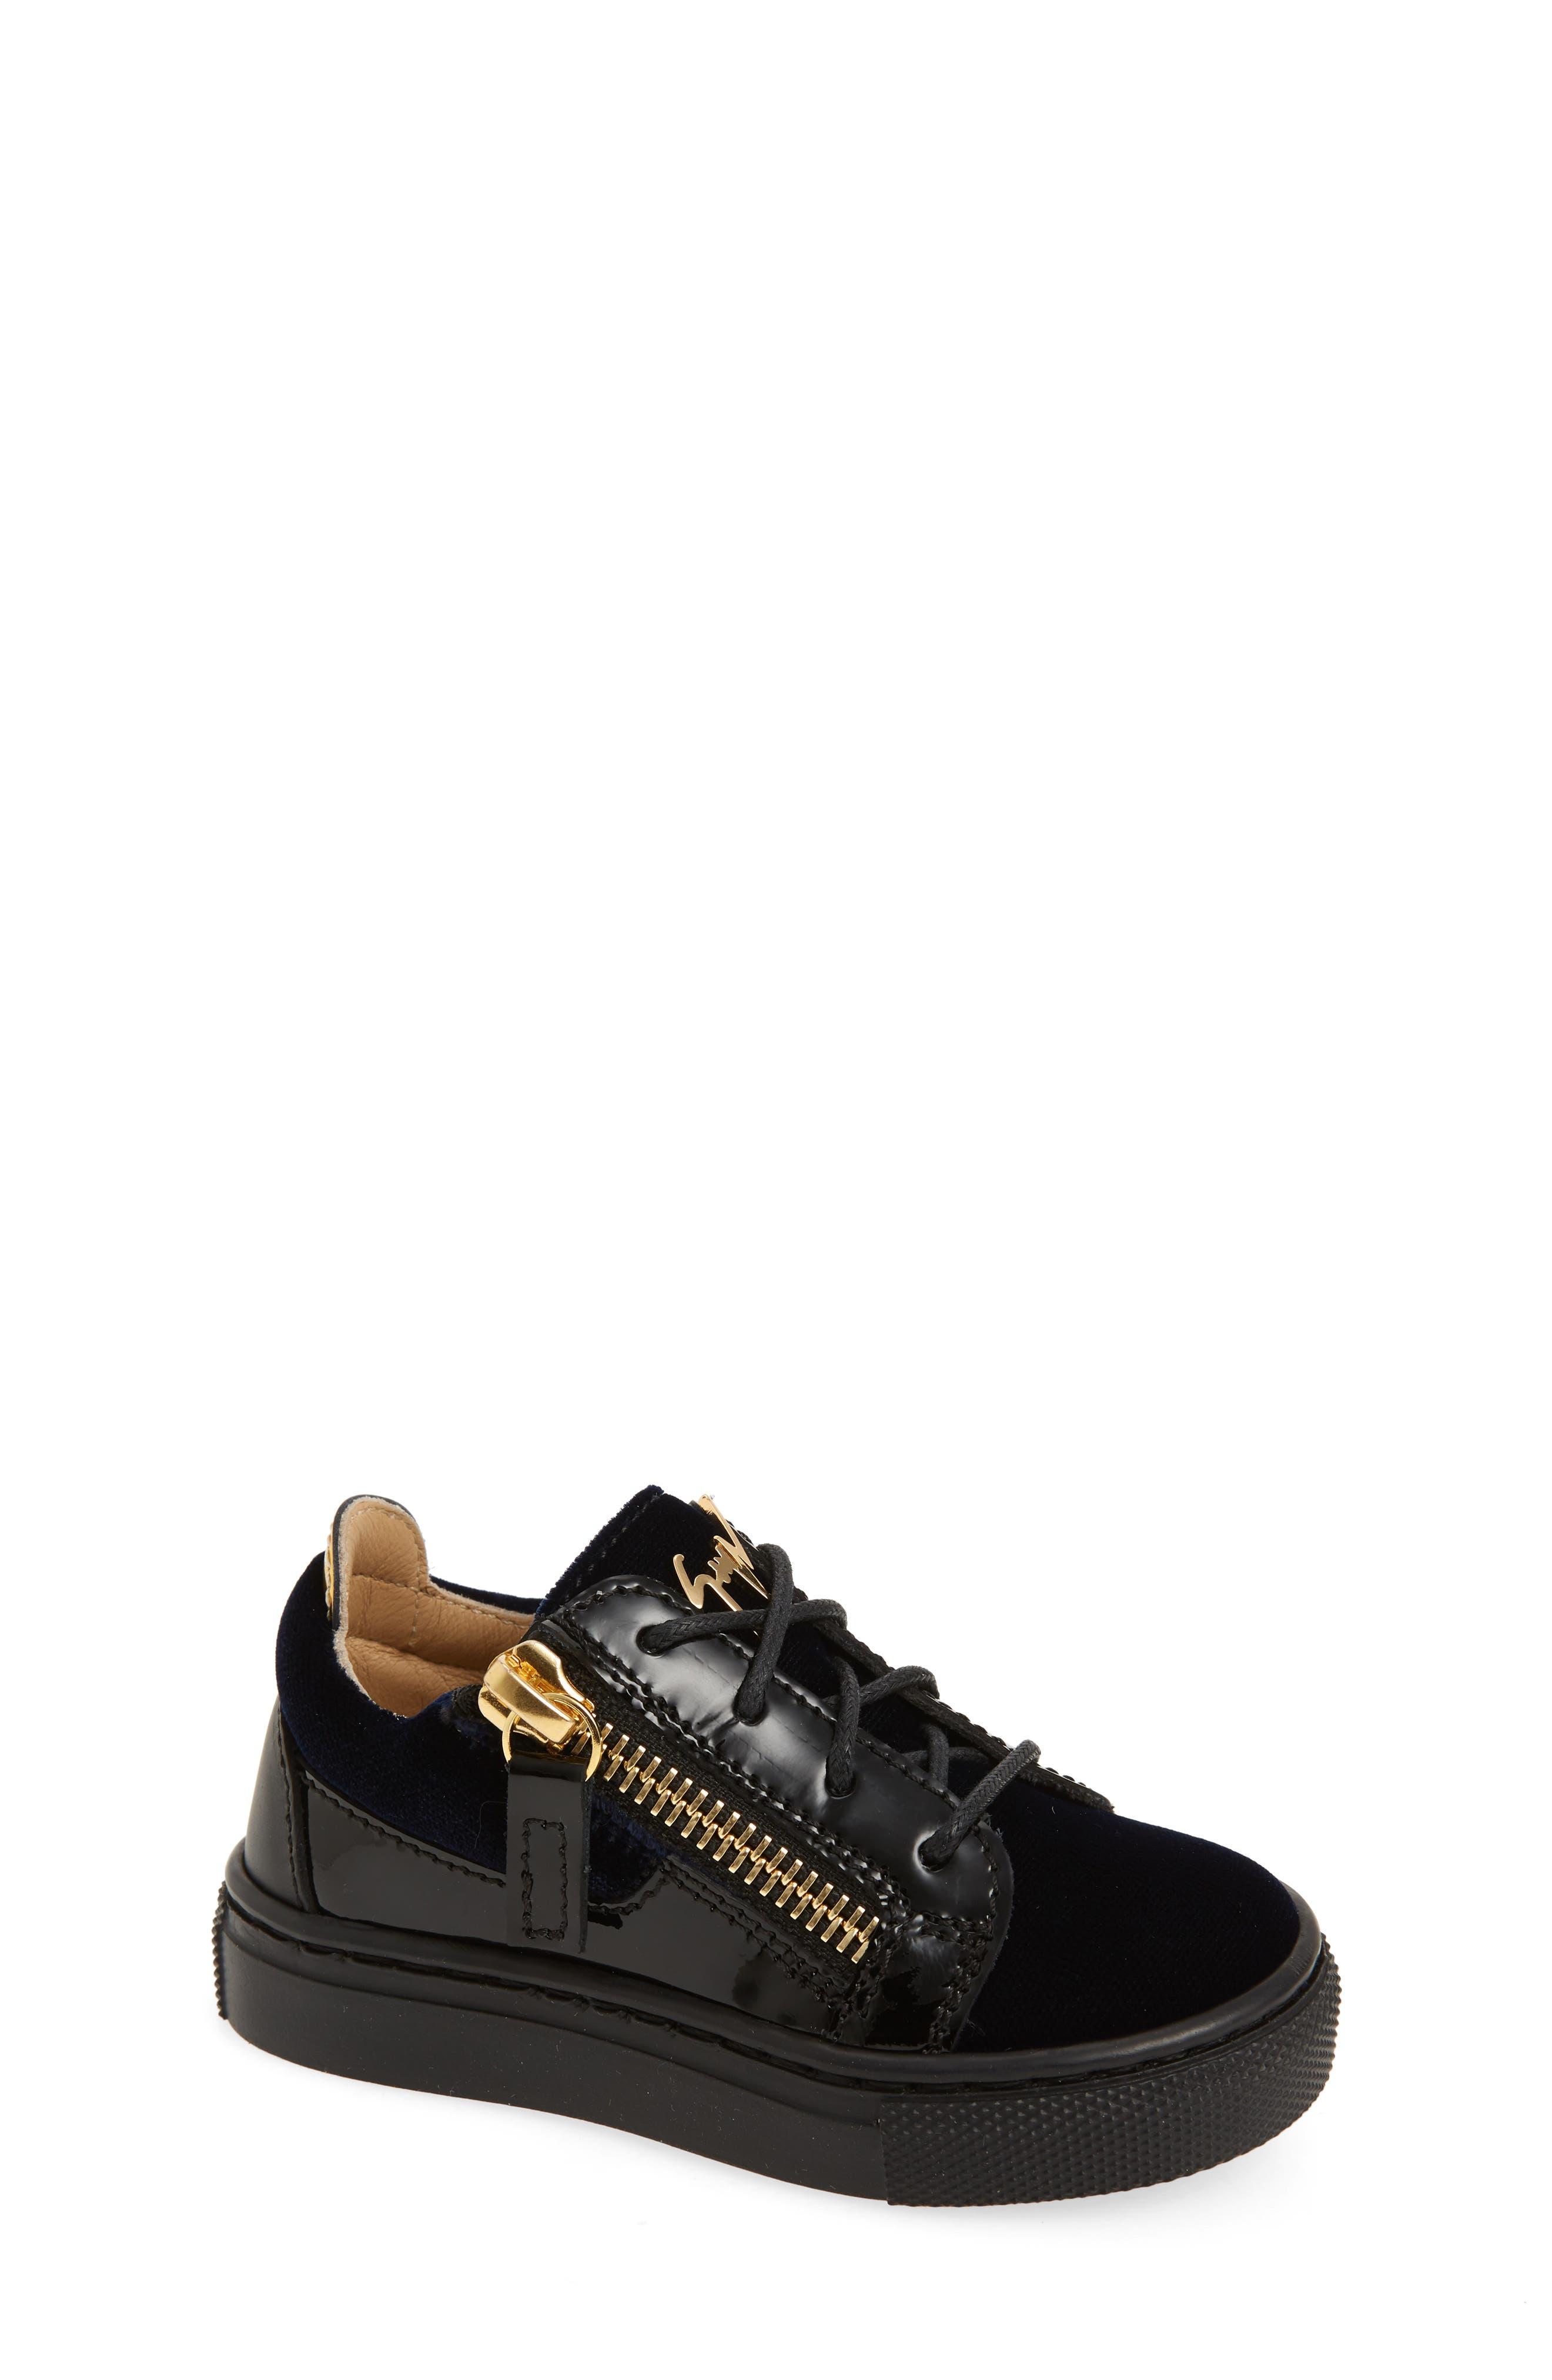 Giuseppe Zanotti London Sneaker (Baby, Walker, Toddler & Little Kid)